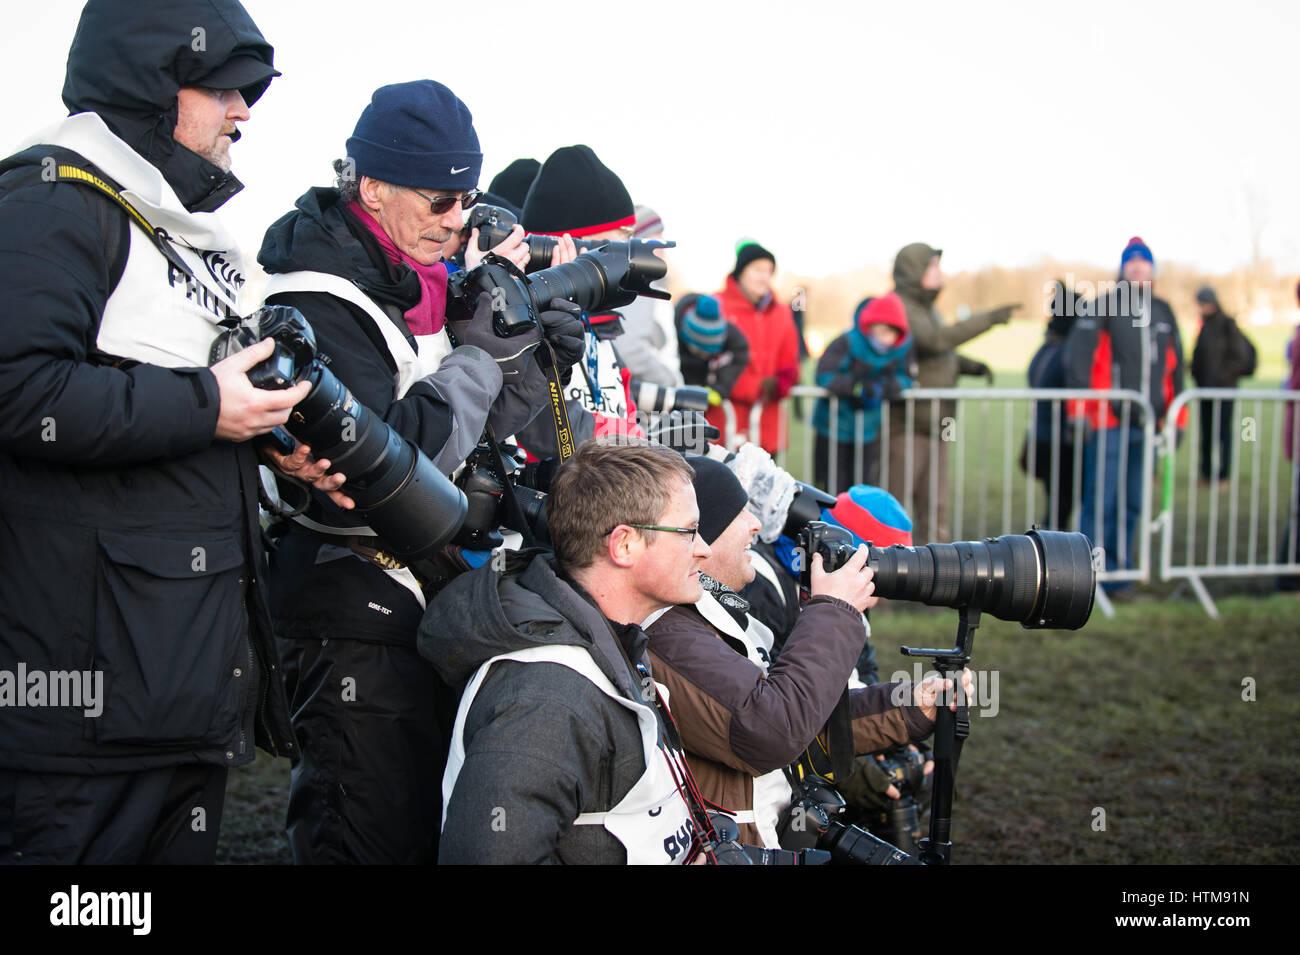 Edimburgo, Scozia, Regno Unito, 10 gennaio 2015 - varie premere i fotografi presso la grande croce di Edimburgo Immagini Stock